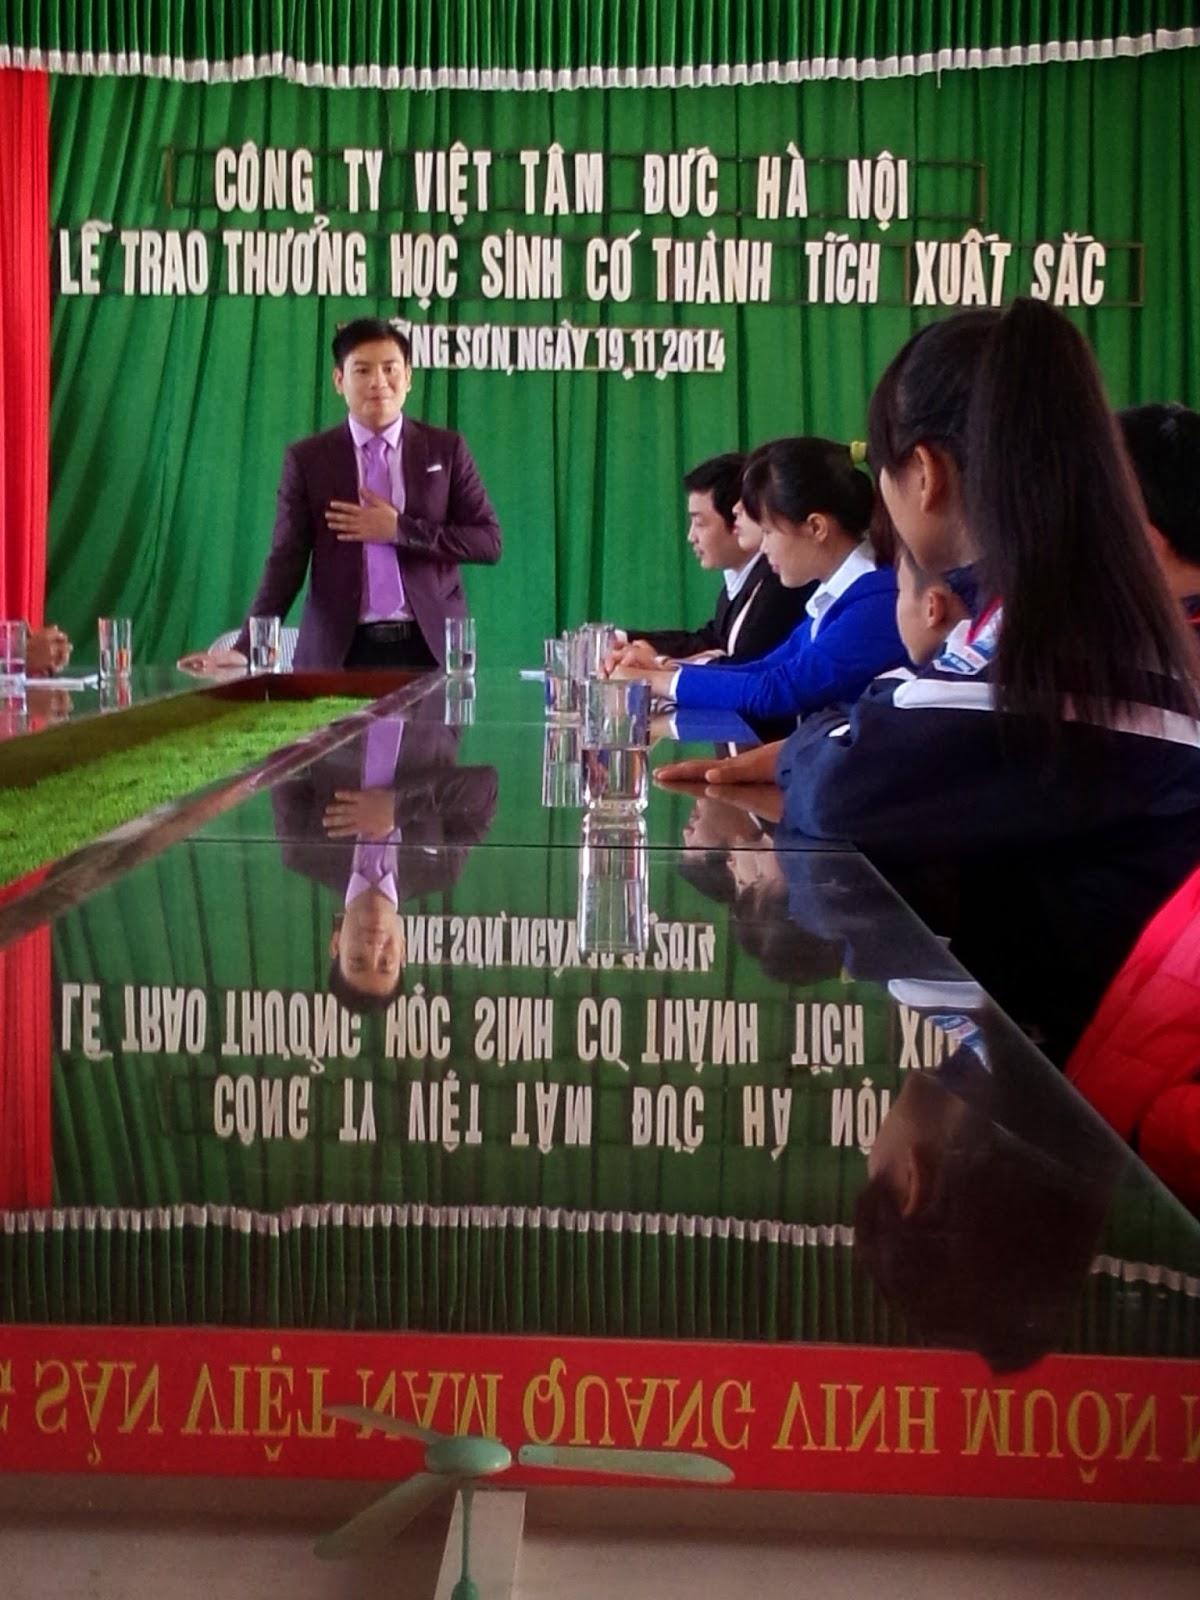 Mr. Dương Bốn phát biểu trong buổi lễ